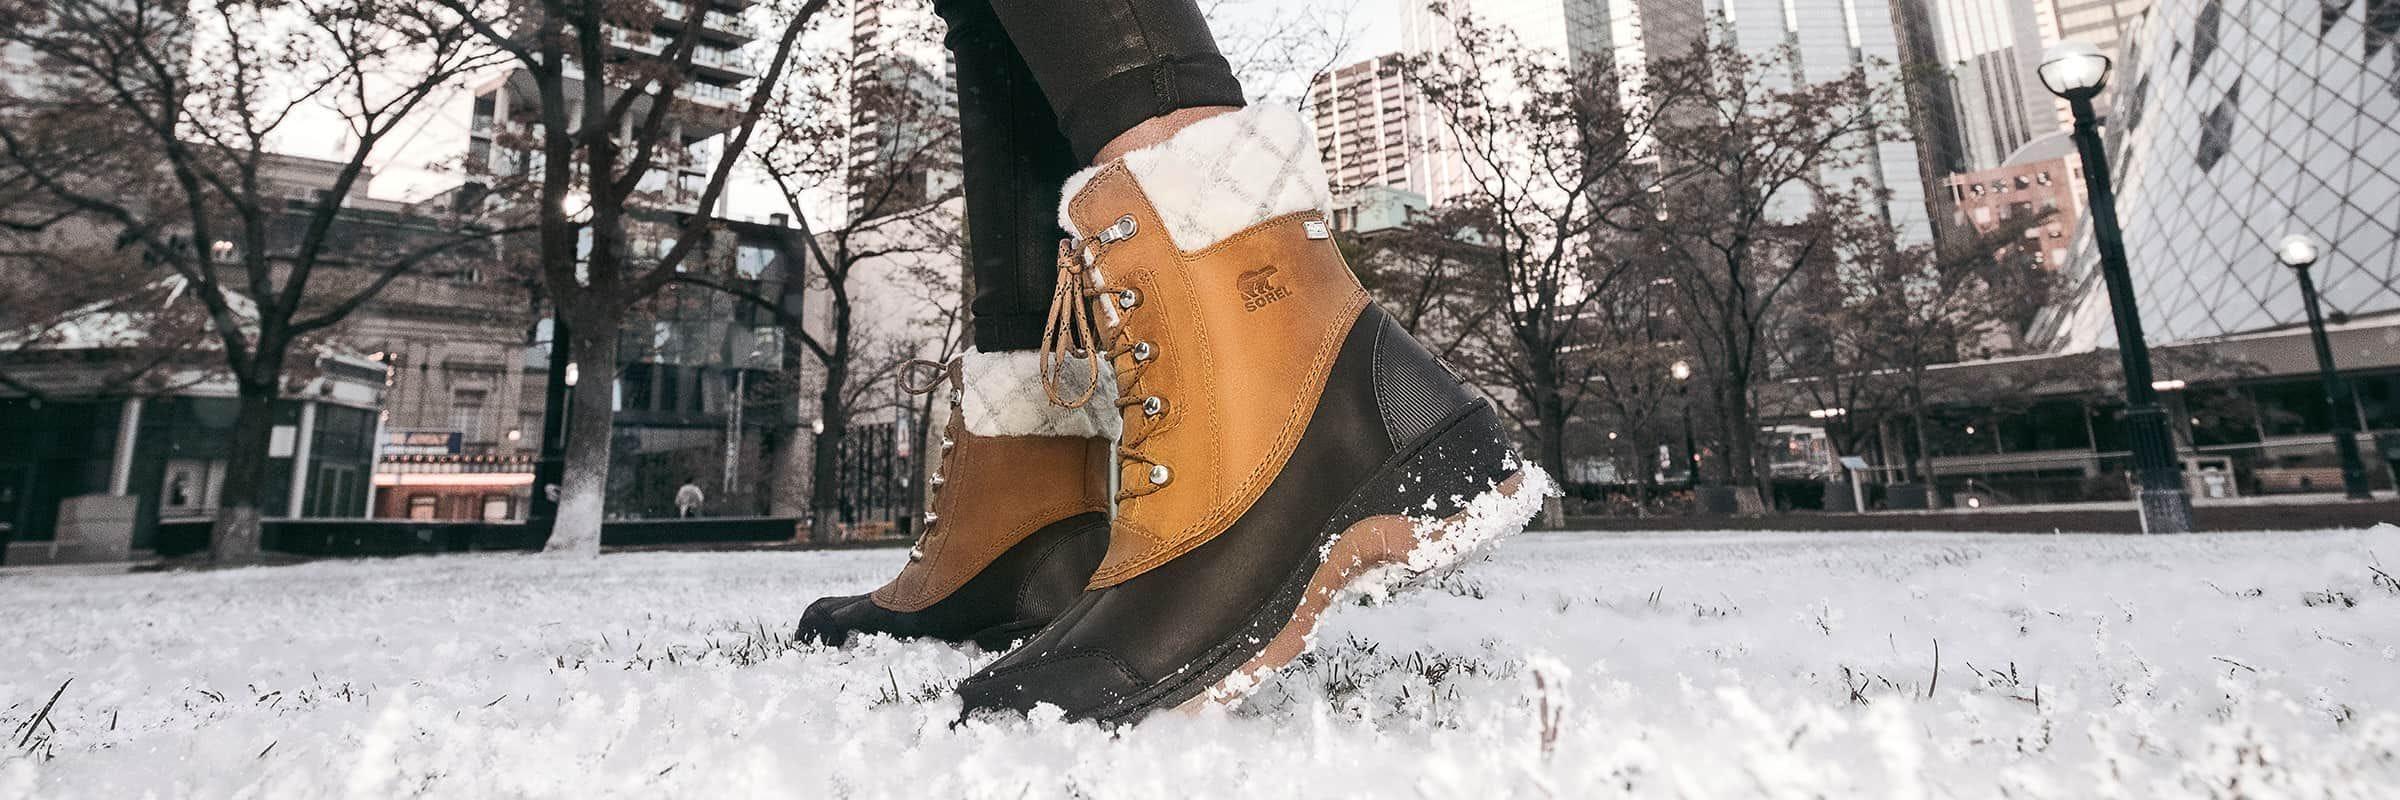 Baffin, bottes, la canadienne, Lowa, Merrell, Sorel. Top des bottes d'hiver pour femme les plus populaires de 2019